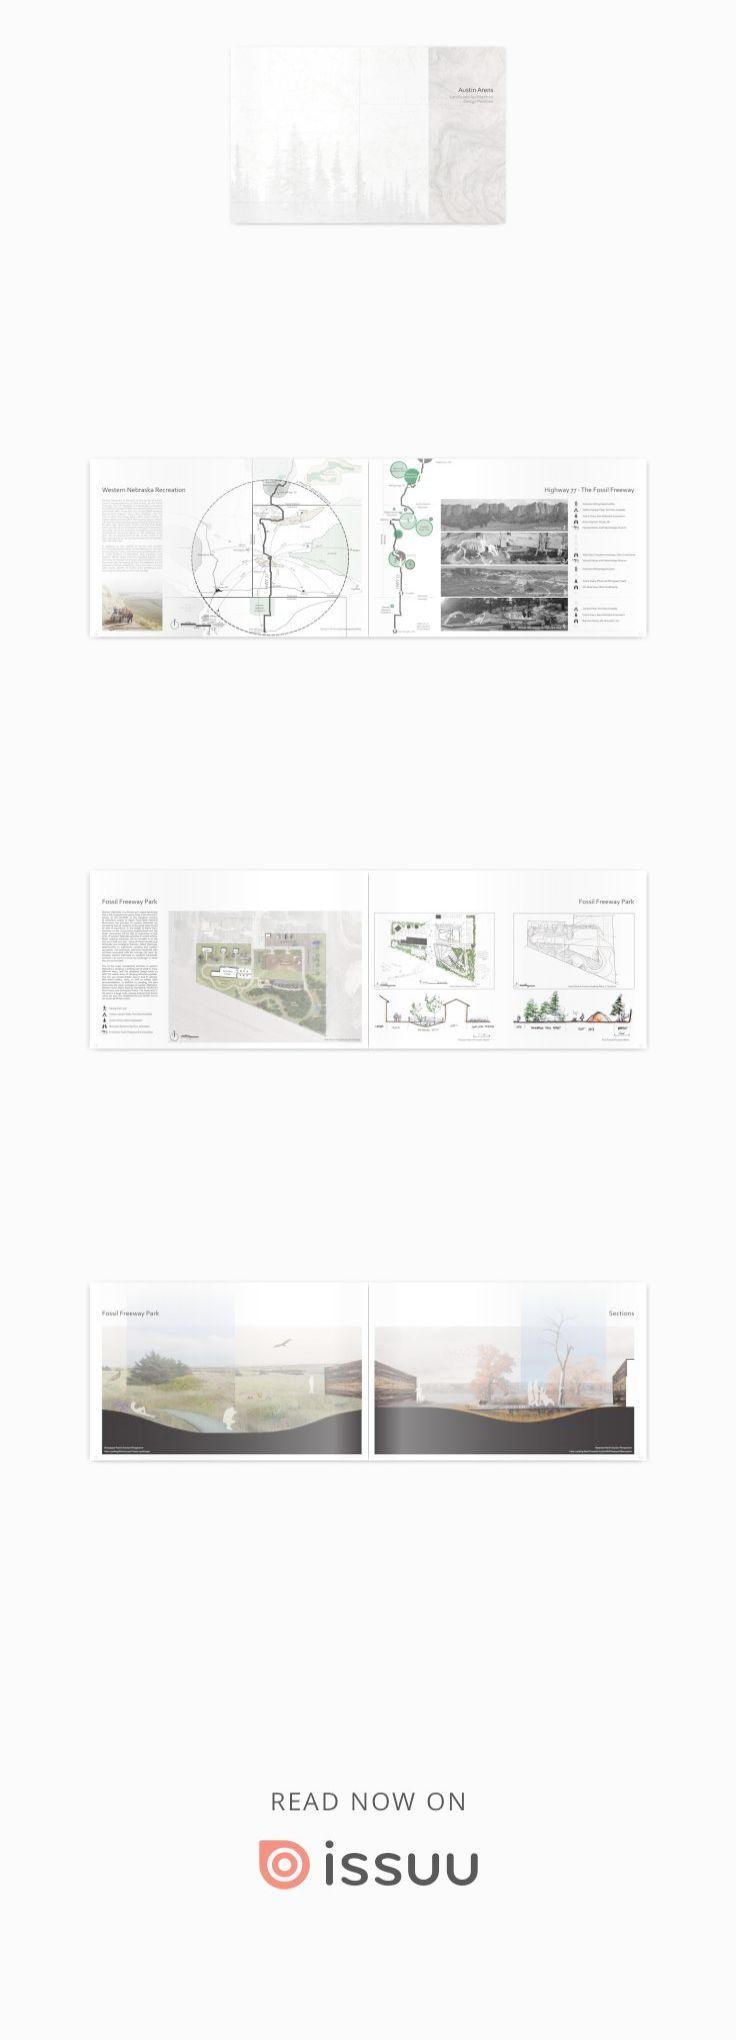 Landscape Architecture App That Landscape Architecture Online Degree Ca Landscape Architecture Portfolio Architecture Portfolio Landscape Architecture Magazine